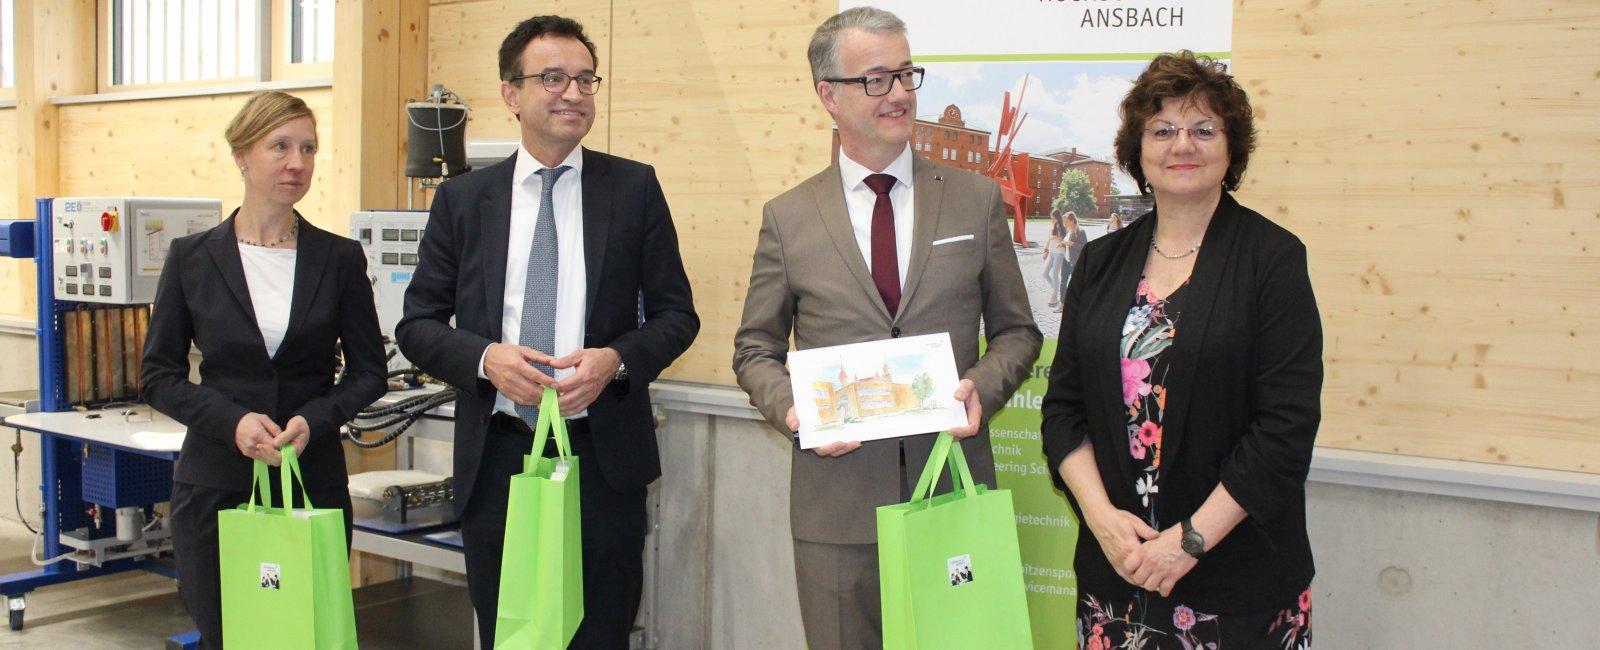 Eröffnung Campus Feuchtwangen